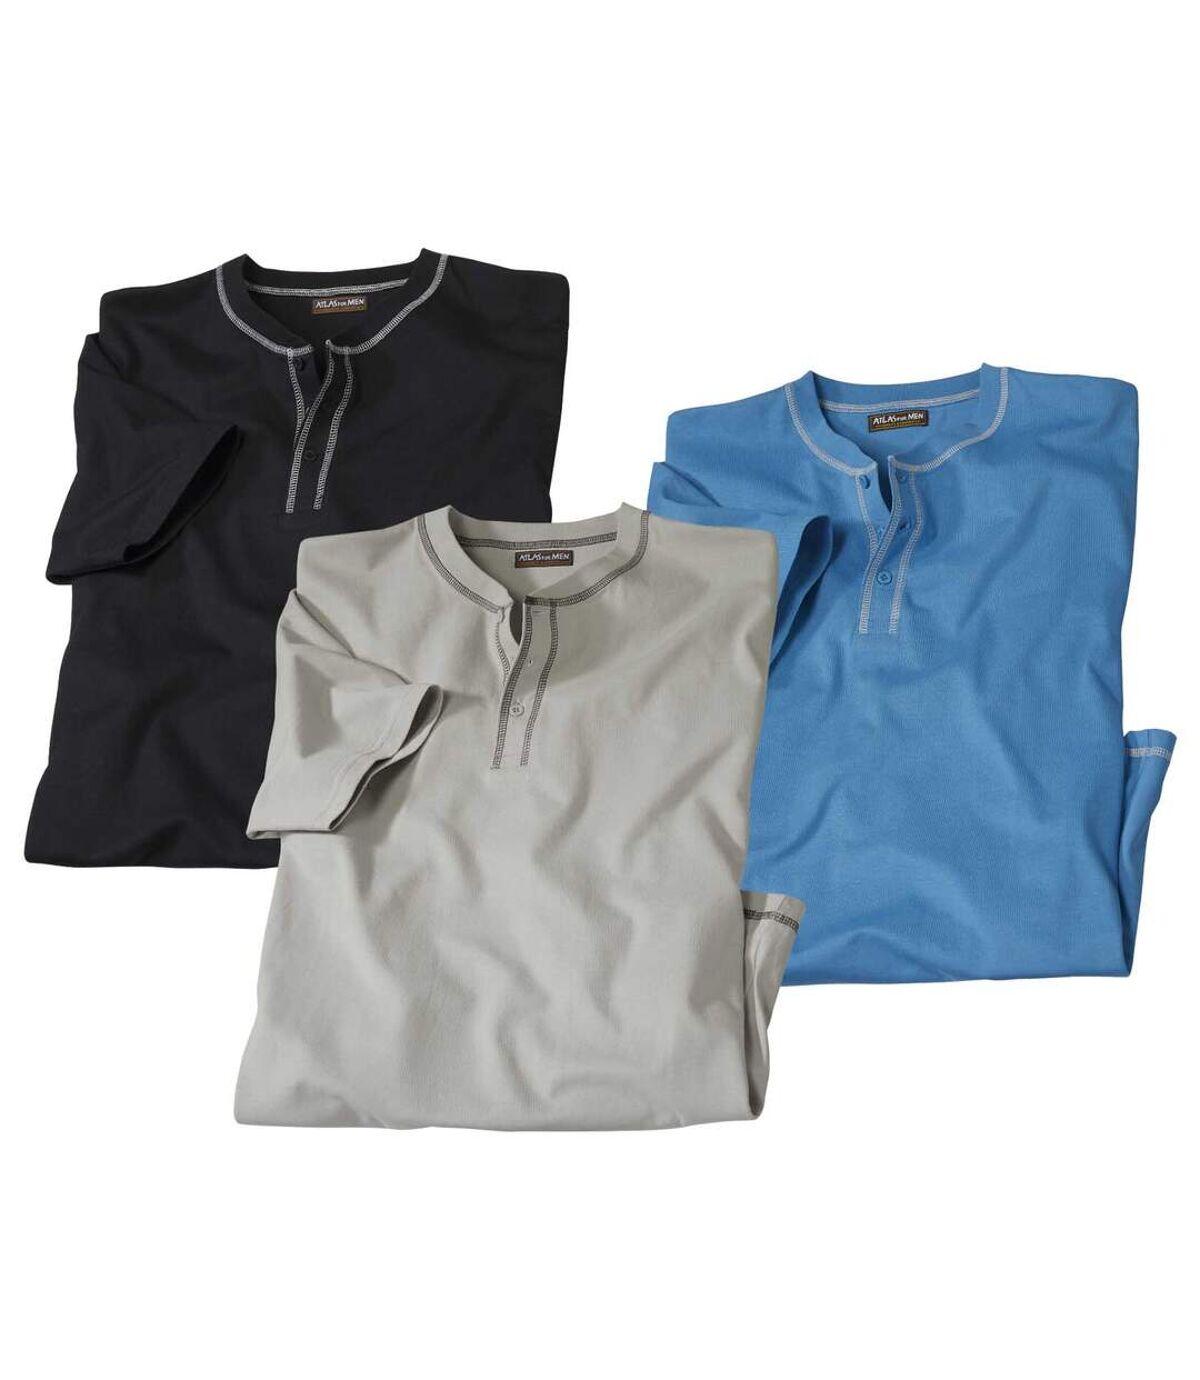 Zestaw 3 wygodnych t-shirtów z krótkimi rękawami i zapinanym dekoltem Atlas For Men